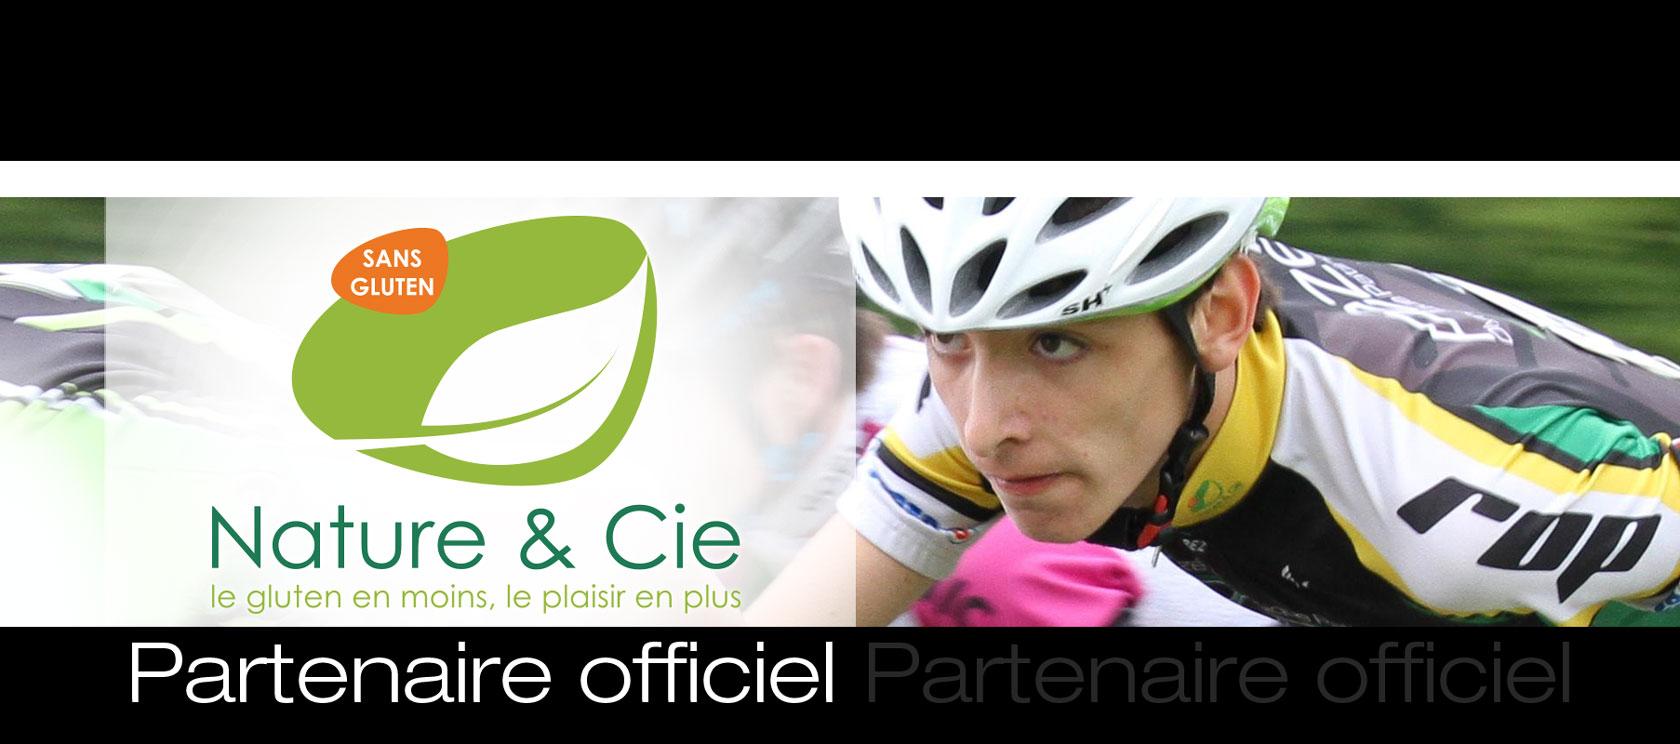 Nature & Compagnie, partenaire officiel du Rezé Olympique Patinage